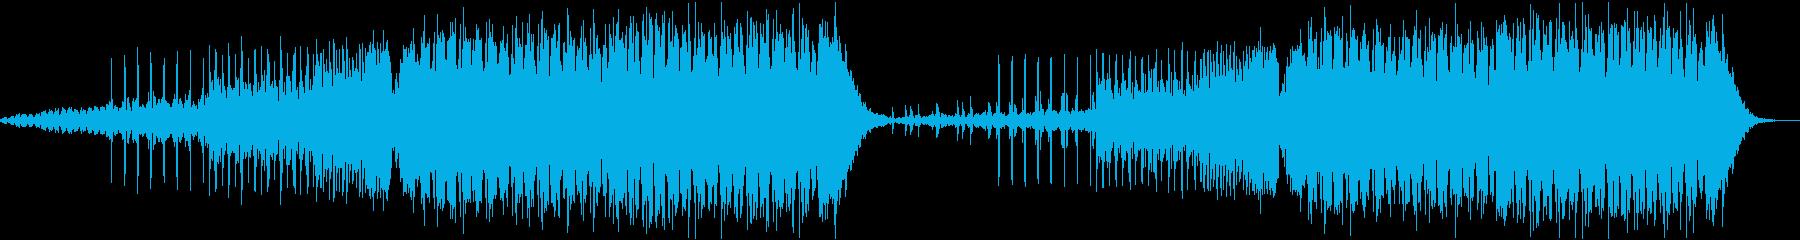 未来コンピューターハウスEDMの再生済みの波形